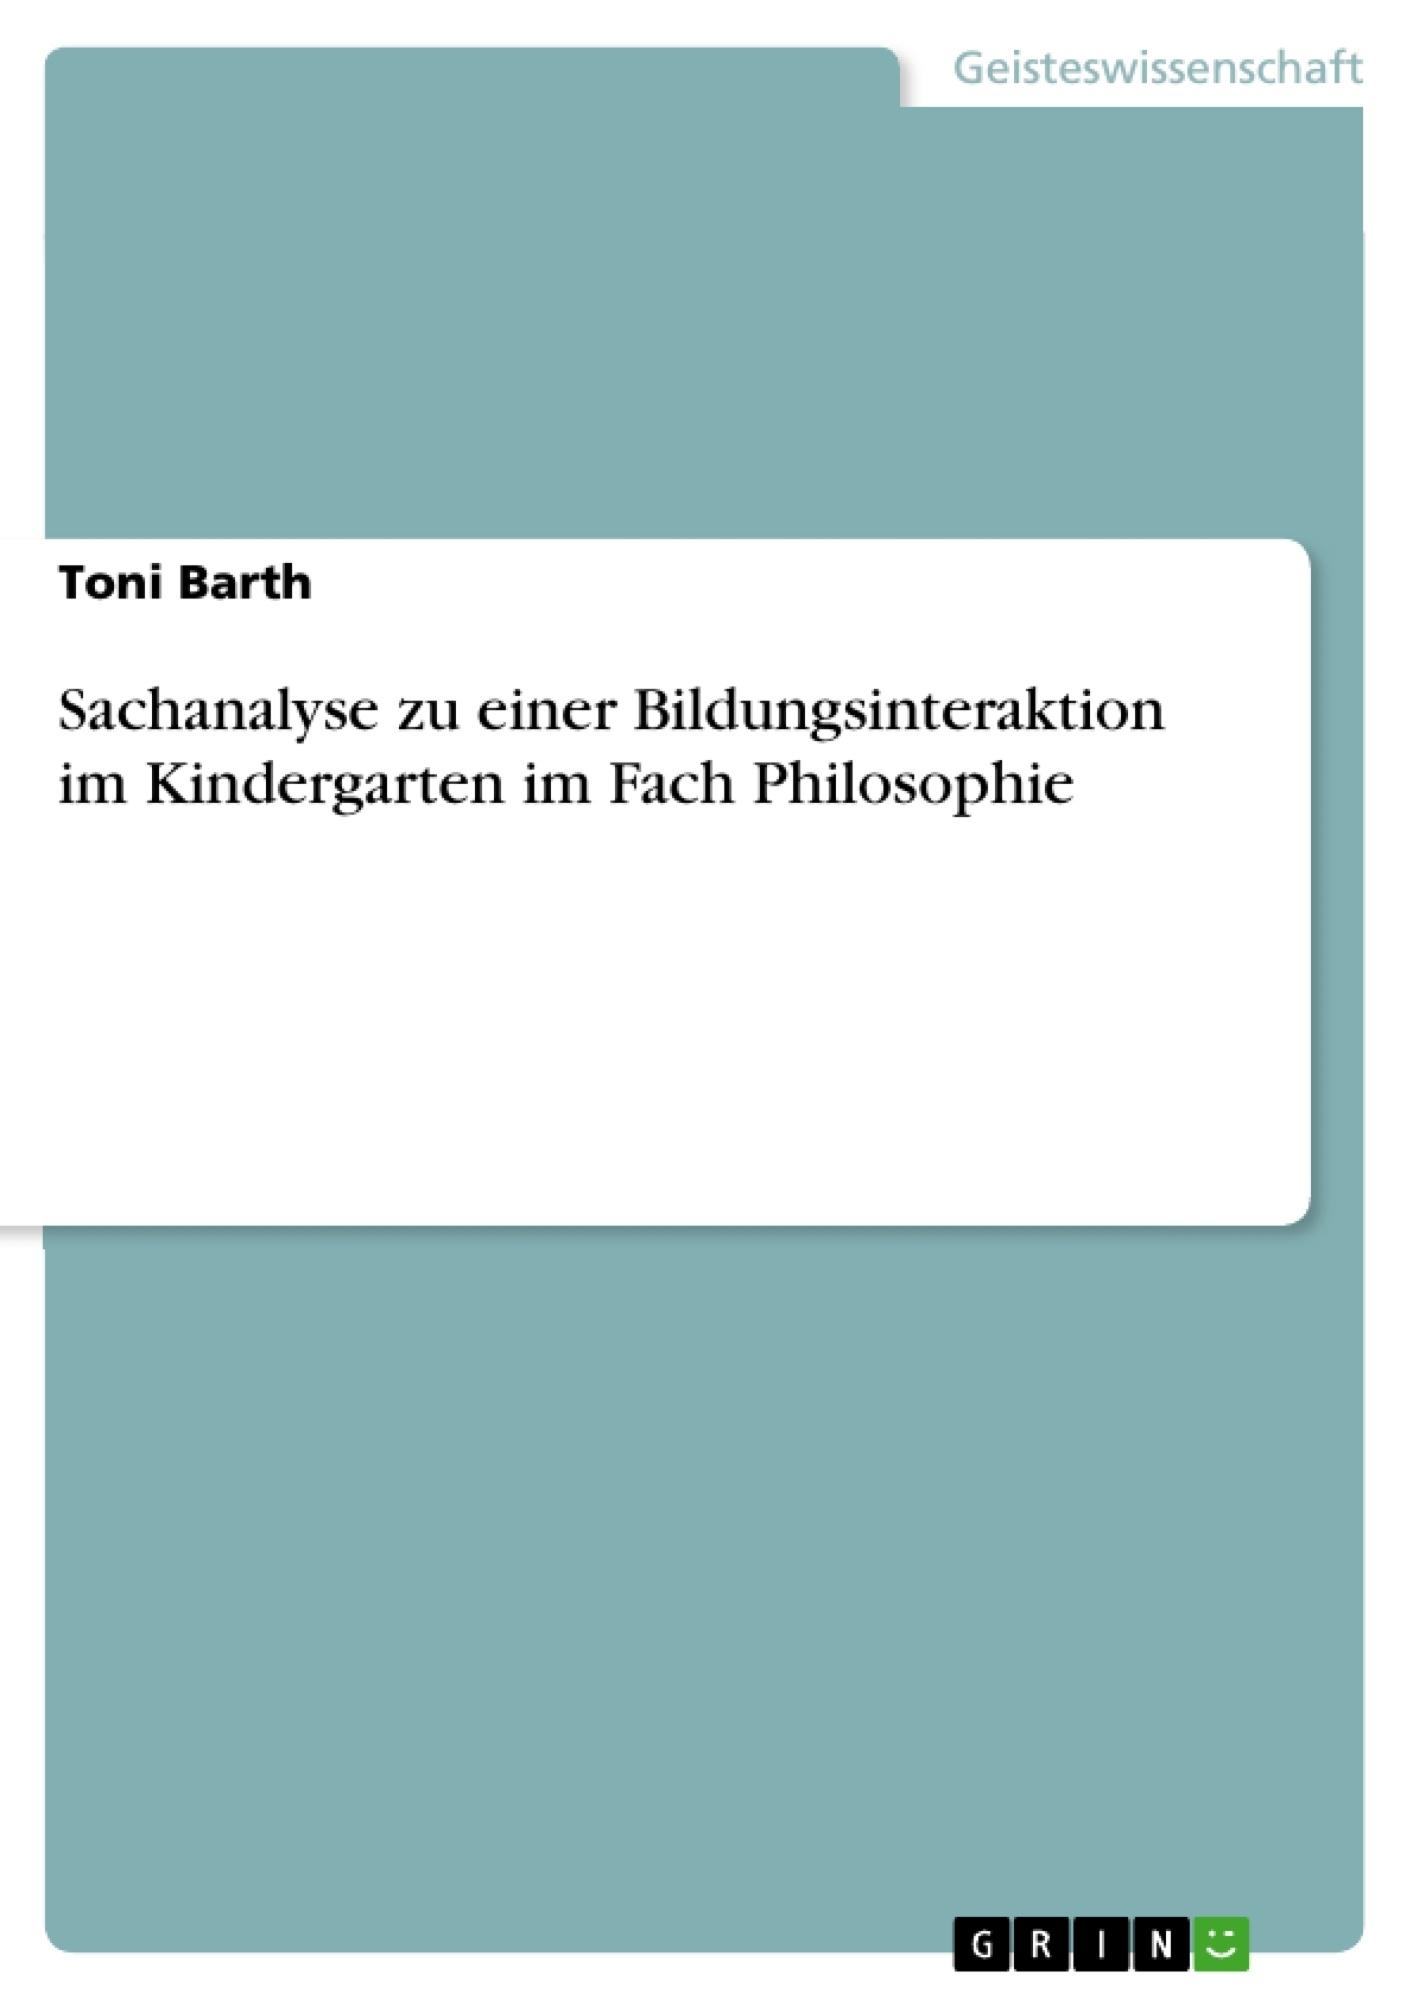 Titel: Sachanalyse zu einer Bildungsinteraktion im Kindergarten im Fach Philosophie